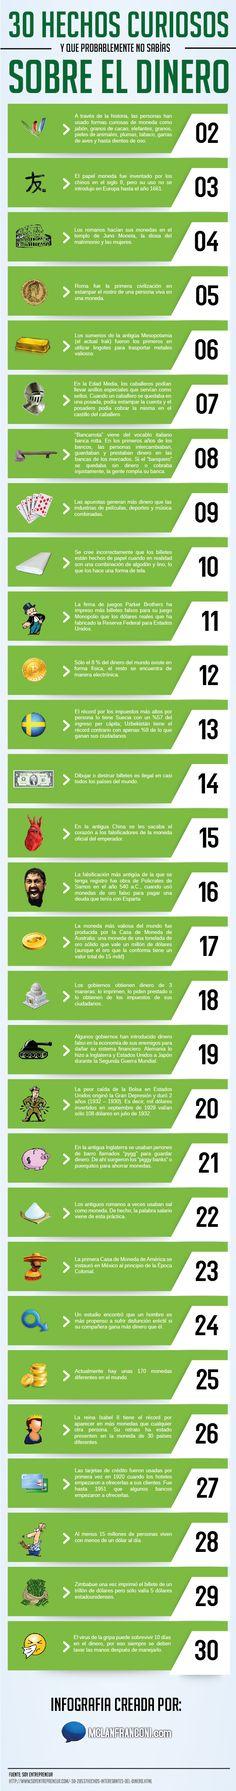 30 curiosidades sobre el dinero #infografia